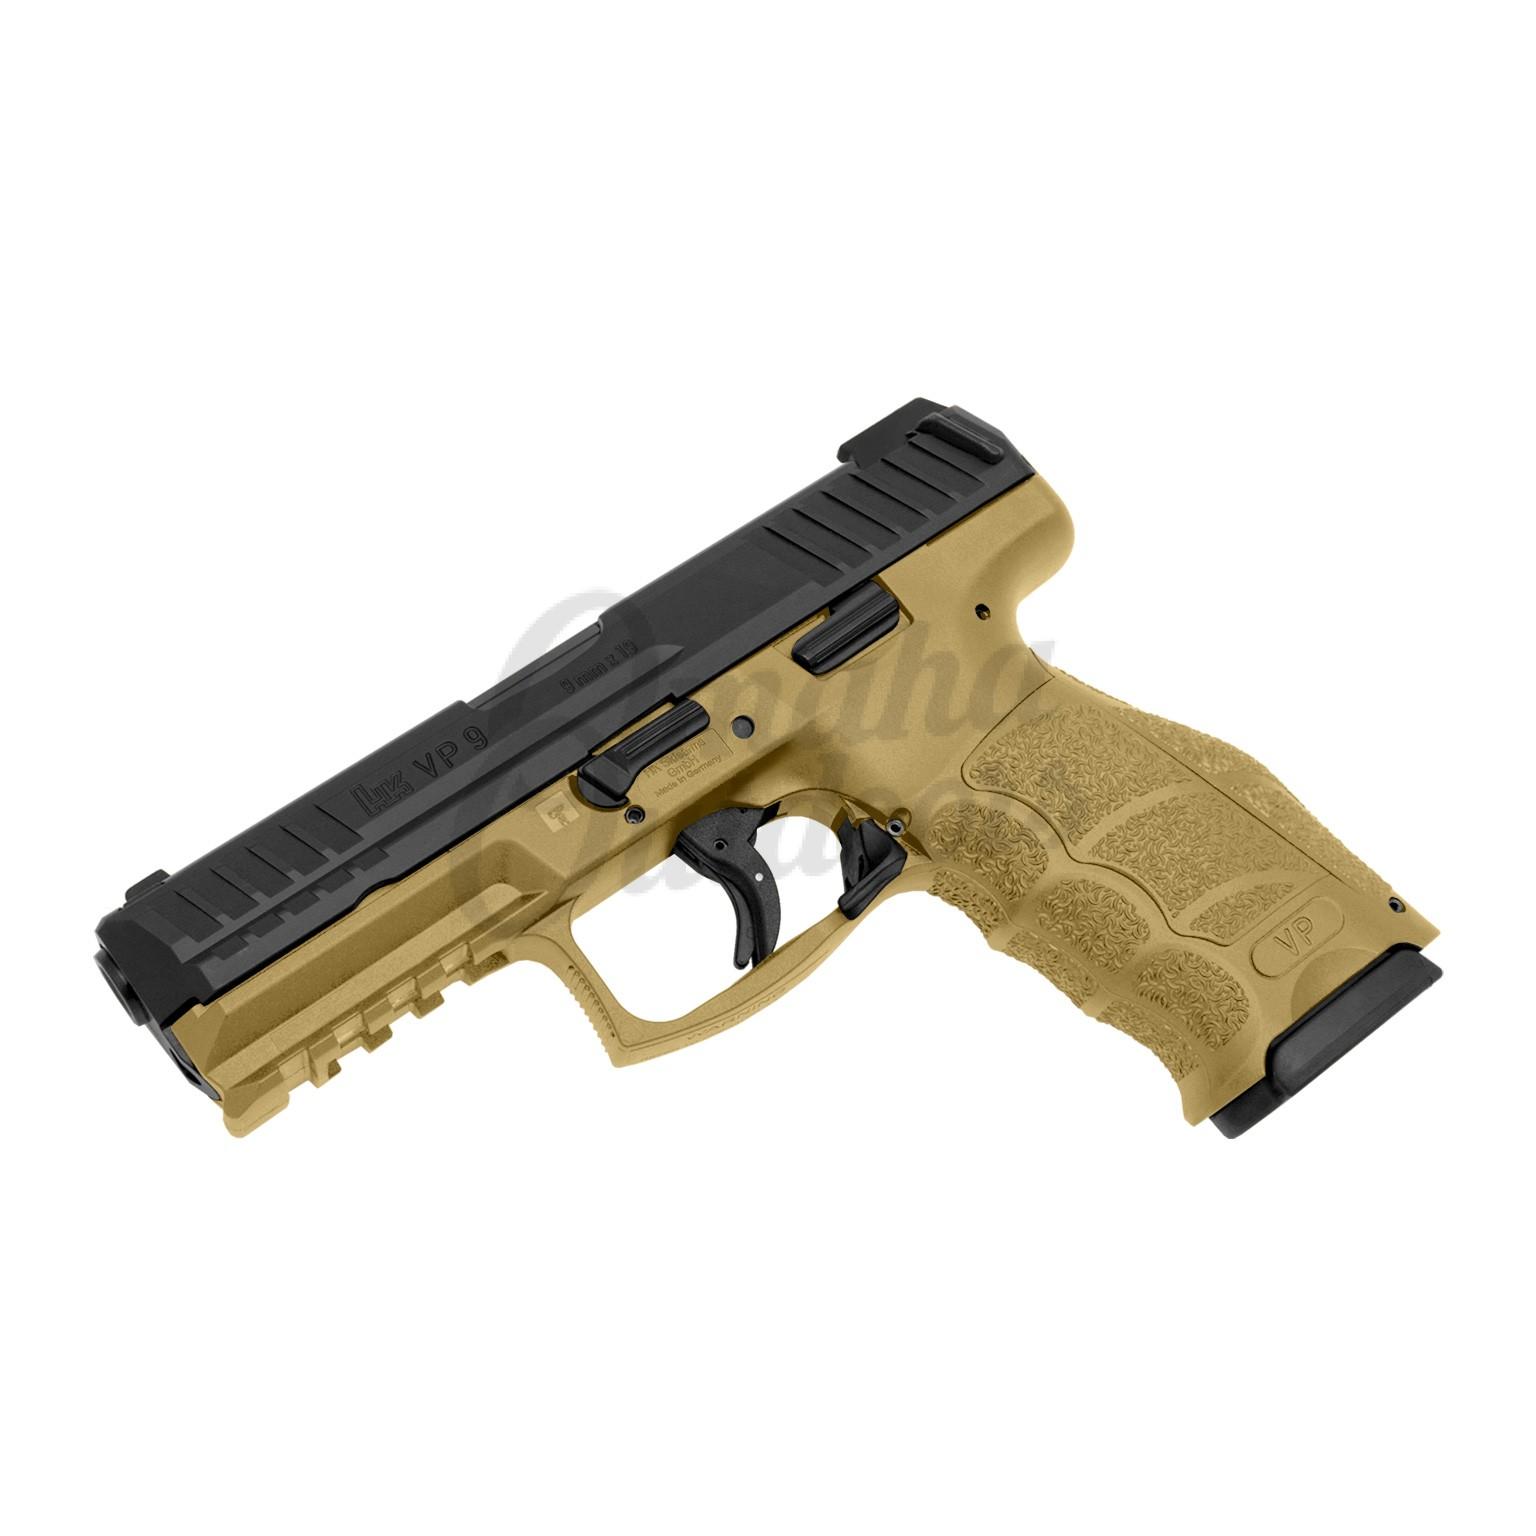 HK VP9 LE FDE Pistol 10 RD 9mm Night Sights 700009FDELEL-A5